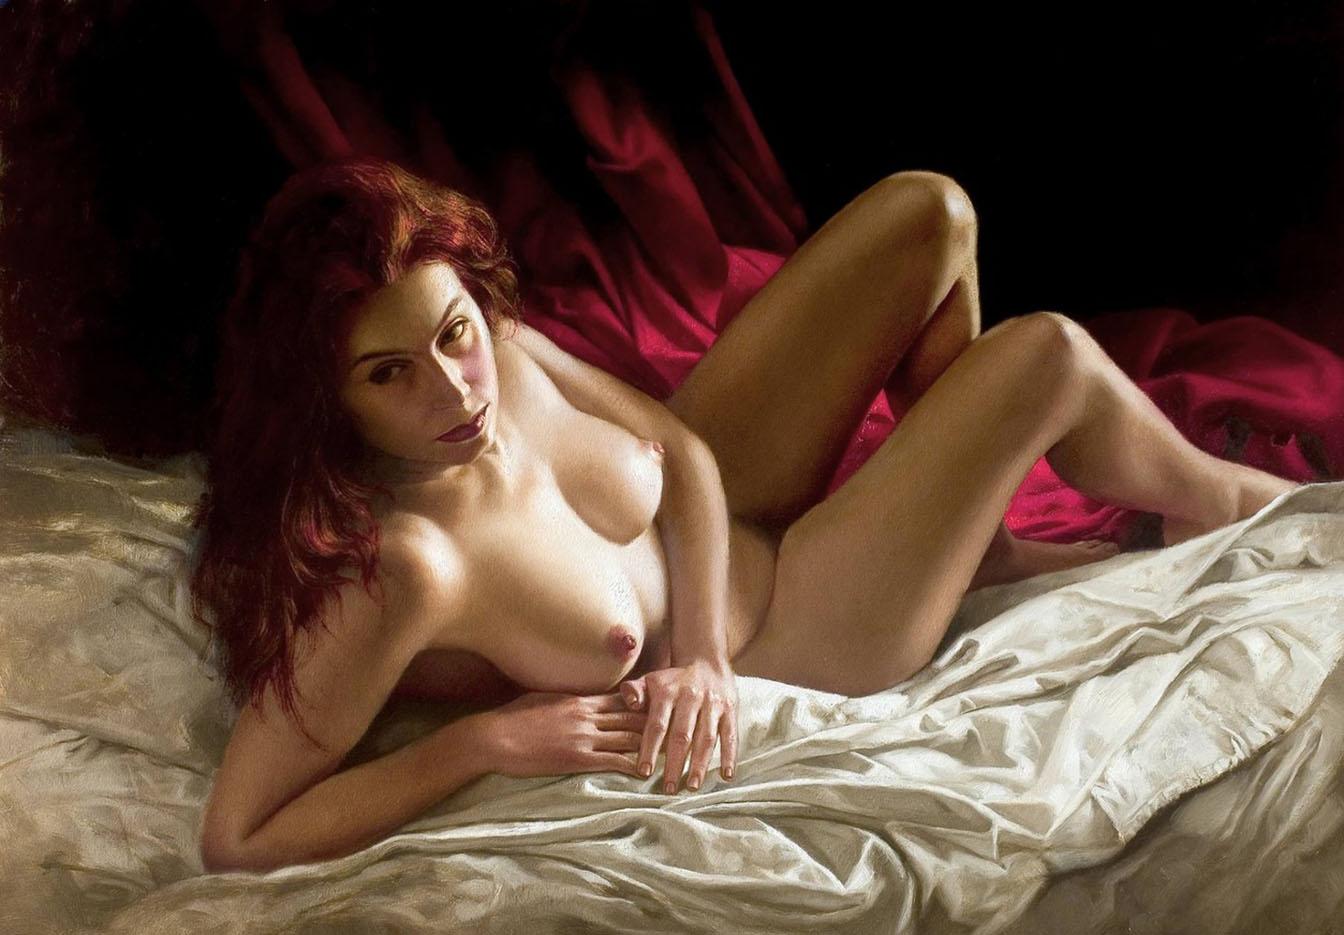 Фото голых итальянских девушек, Итальянки - Смотри бесплатно эротику и порно 22 фотография